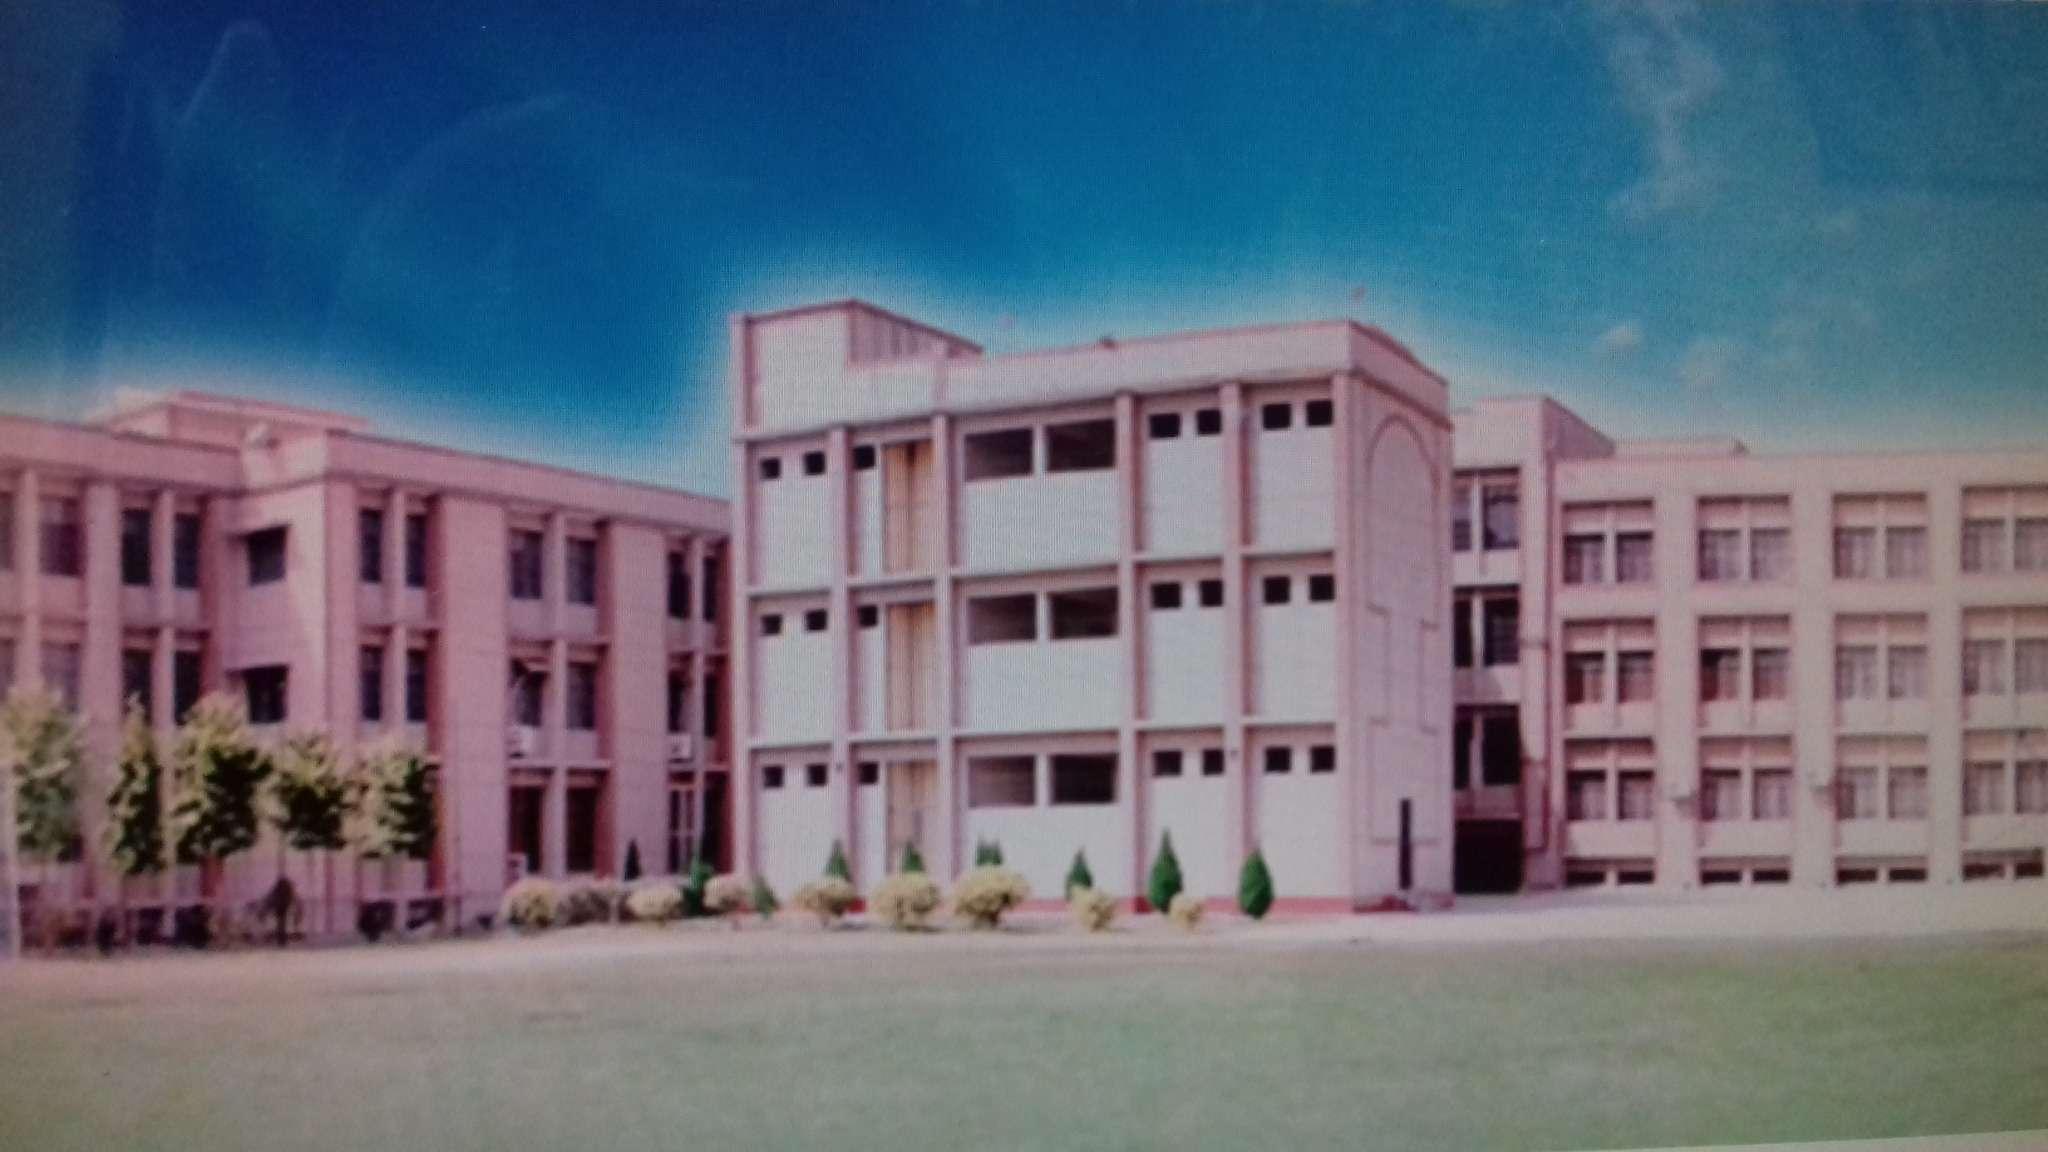 URSULINE CONVENT SR SEC SCHOOL SECTOR 36 RHO 1 KASANA PO GREATER NOIDA GAUTAM BUDH NAGAR UTTAR PRADESH 2130692